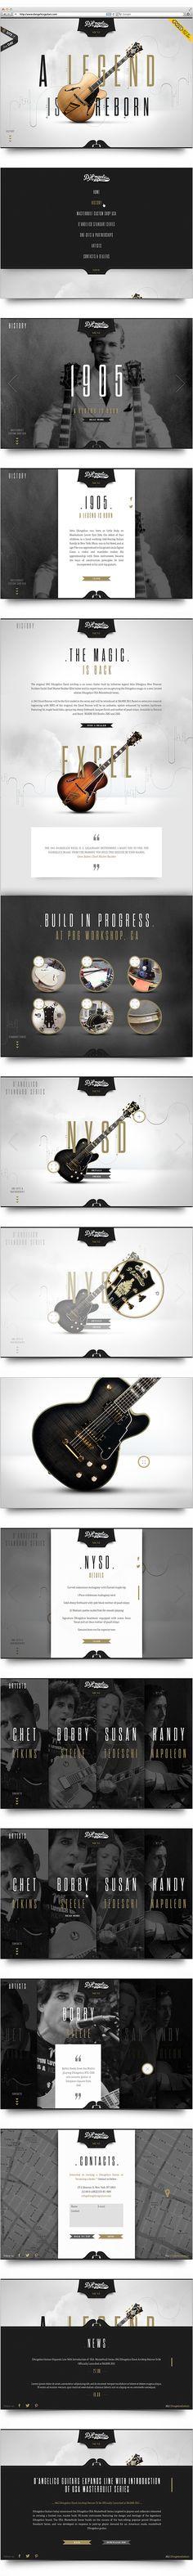 web design | D'Angelico Guitars by Stella Petkova